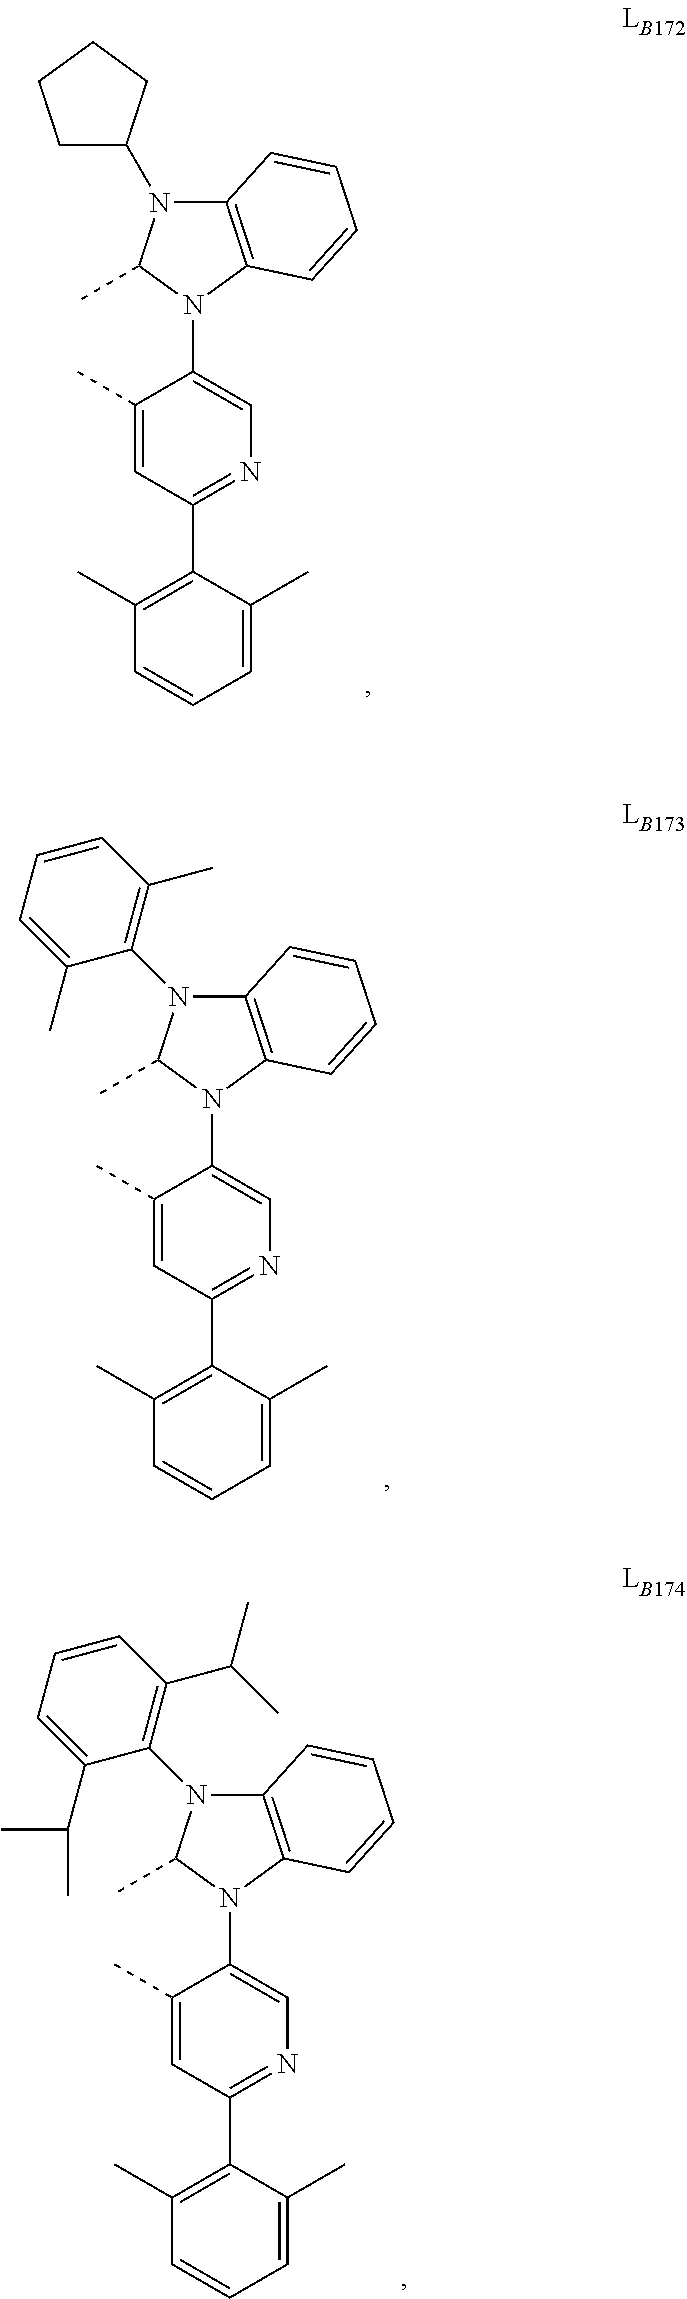 Figure US09905785-20180227-C00596